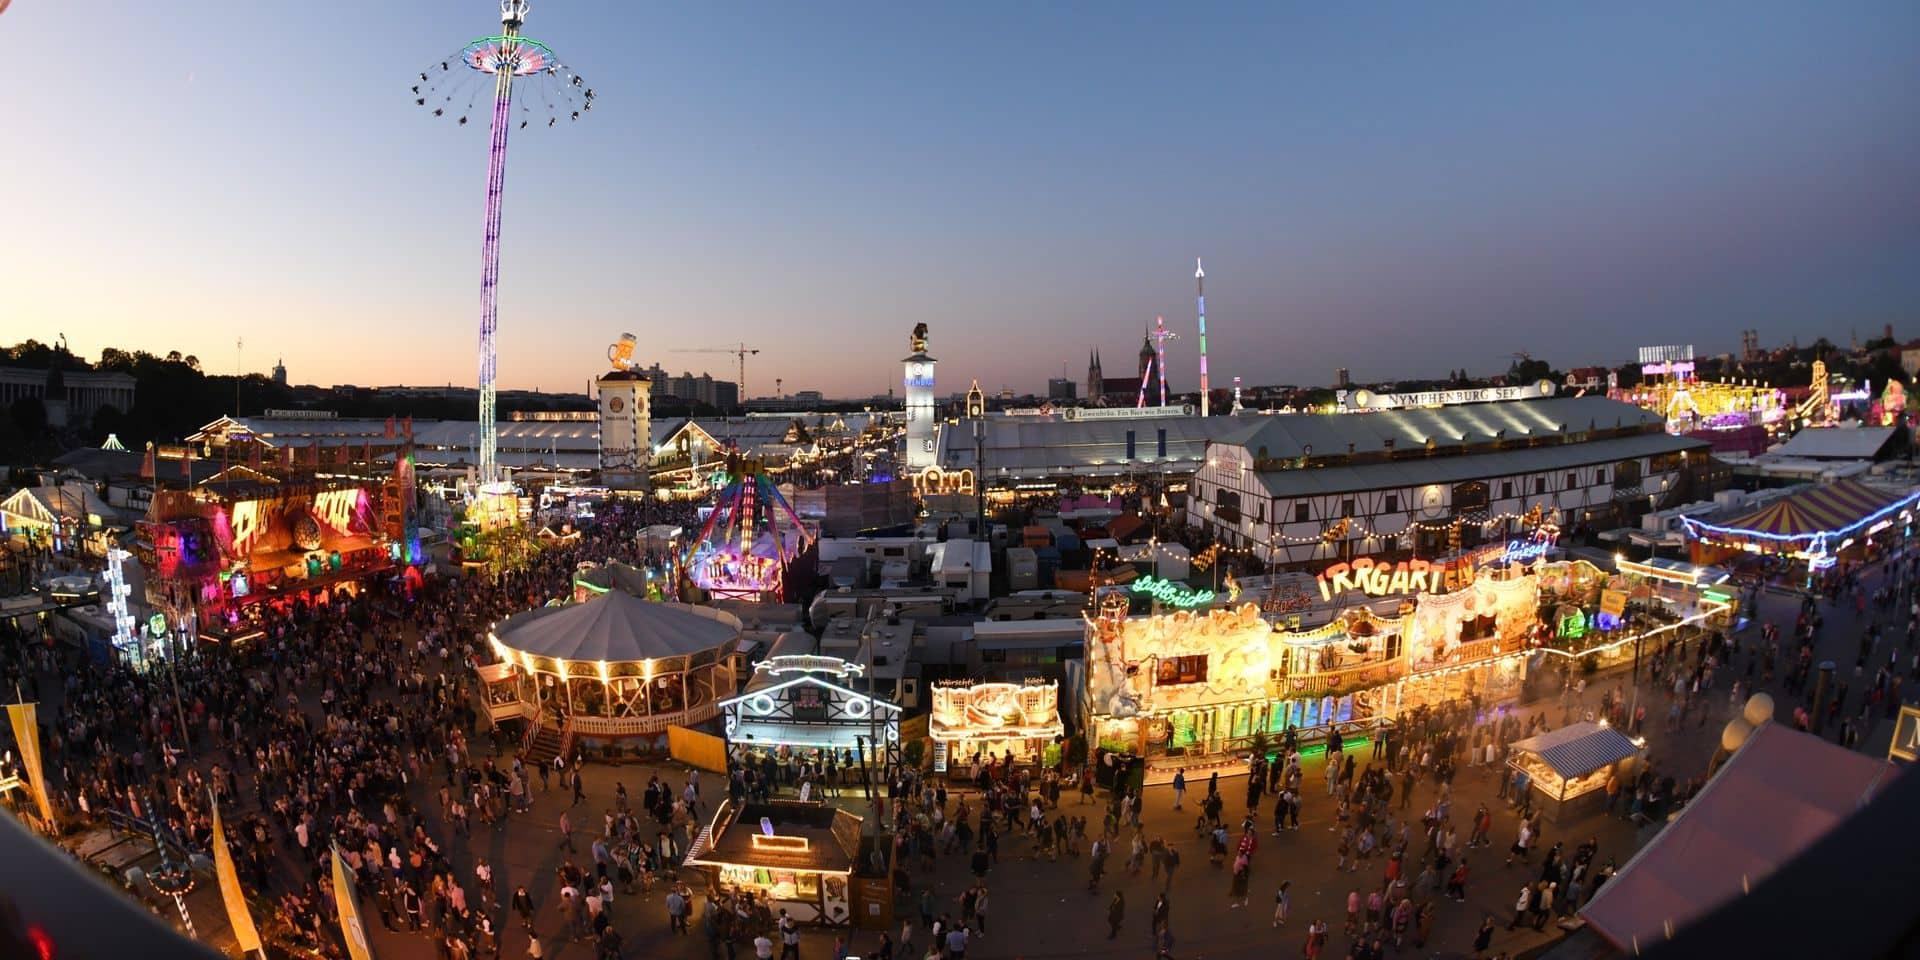 Des dizaines de milliers de visiteurs pour la première journée de l'Oktoberfest à Munich